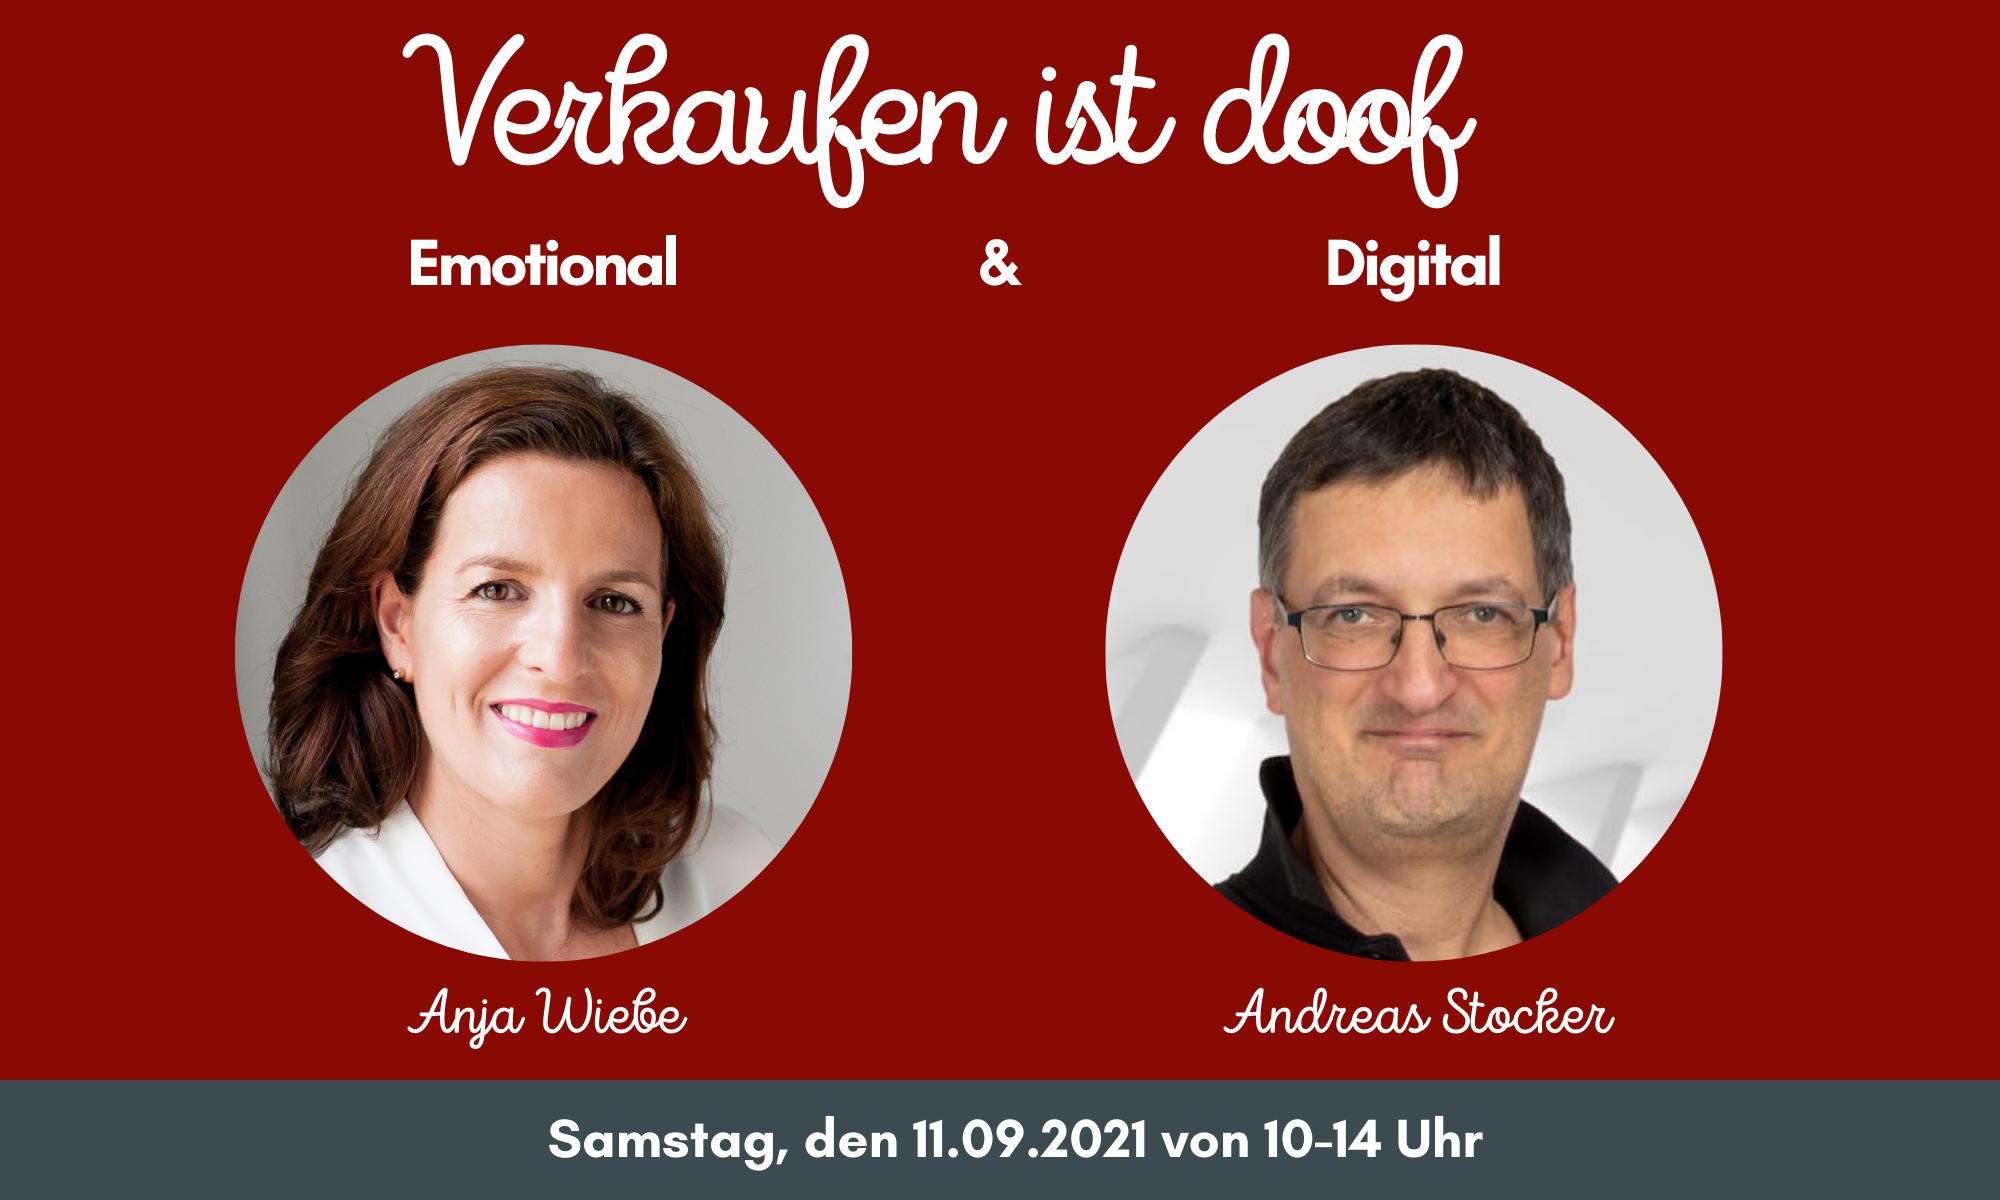 Workshop - Verkaufen ist doof - mit Anja Wiebe und Andreas Stocker